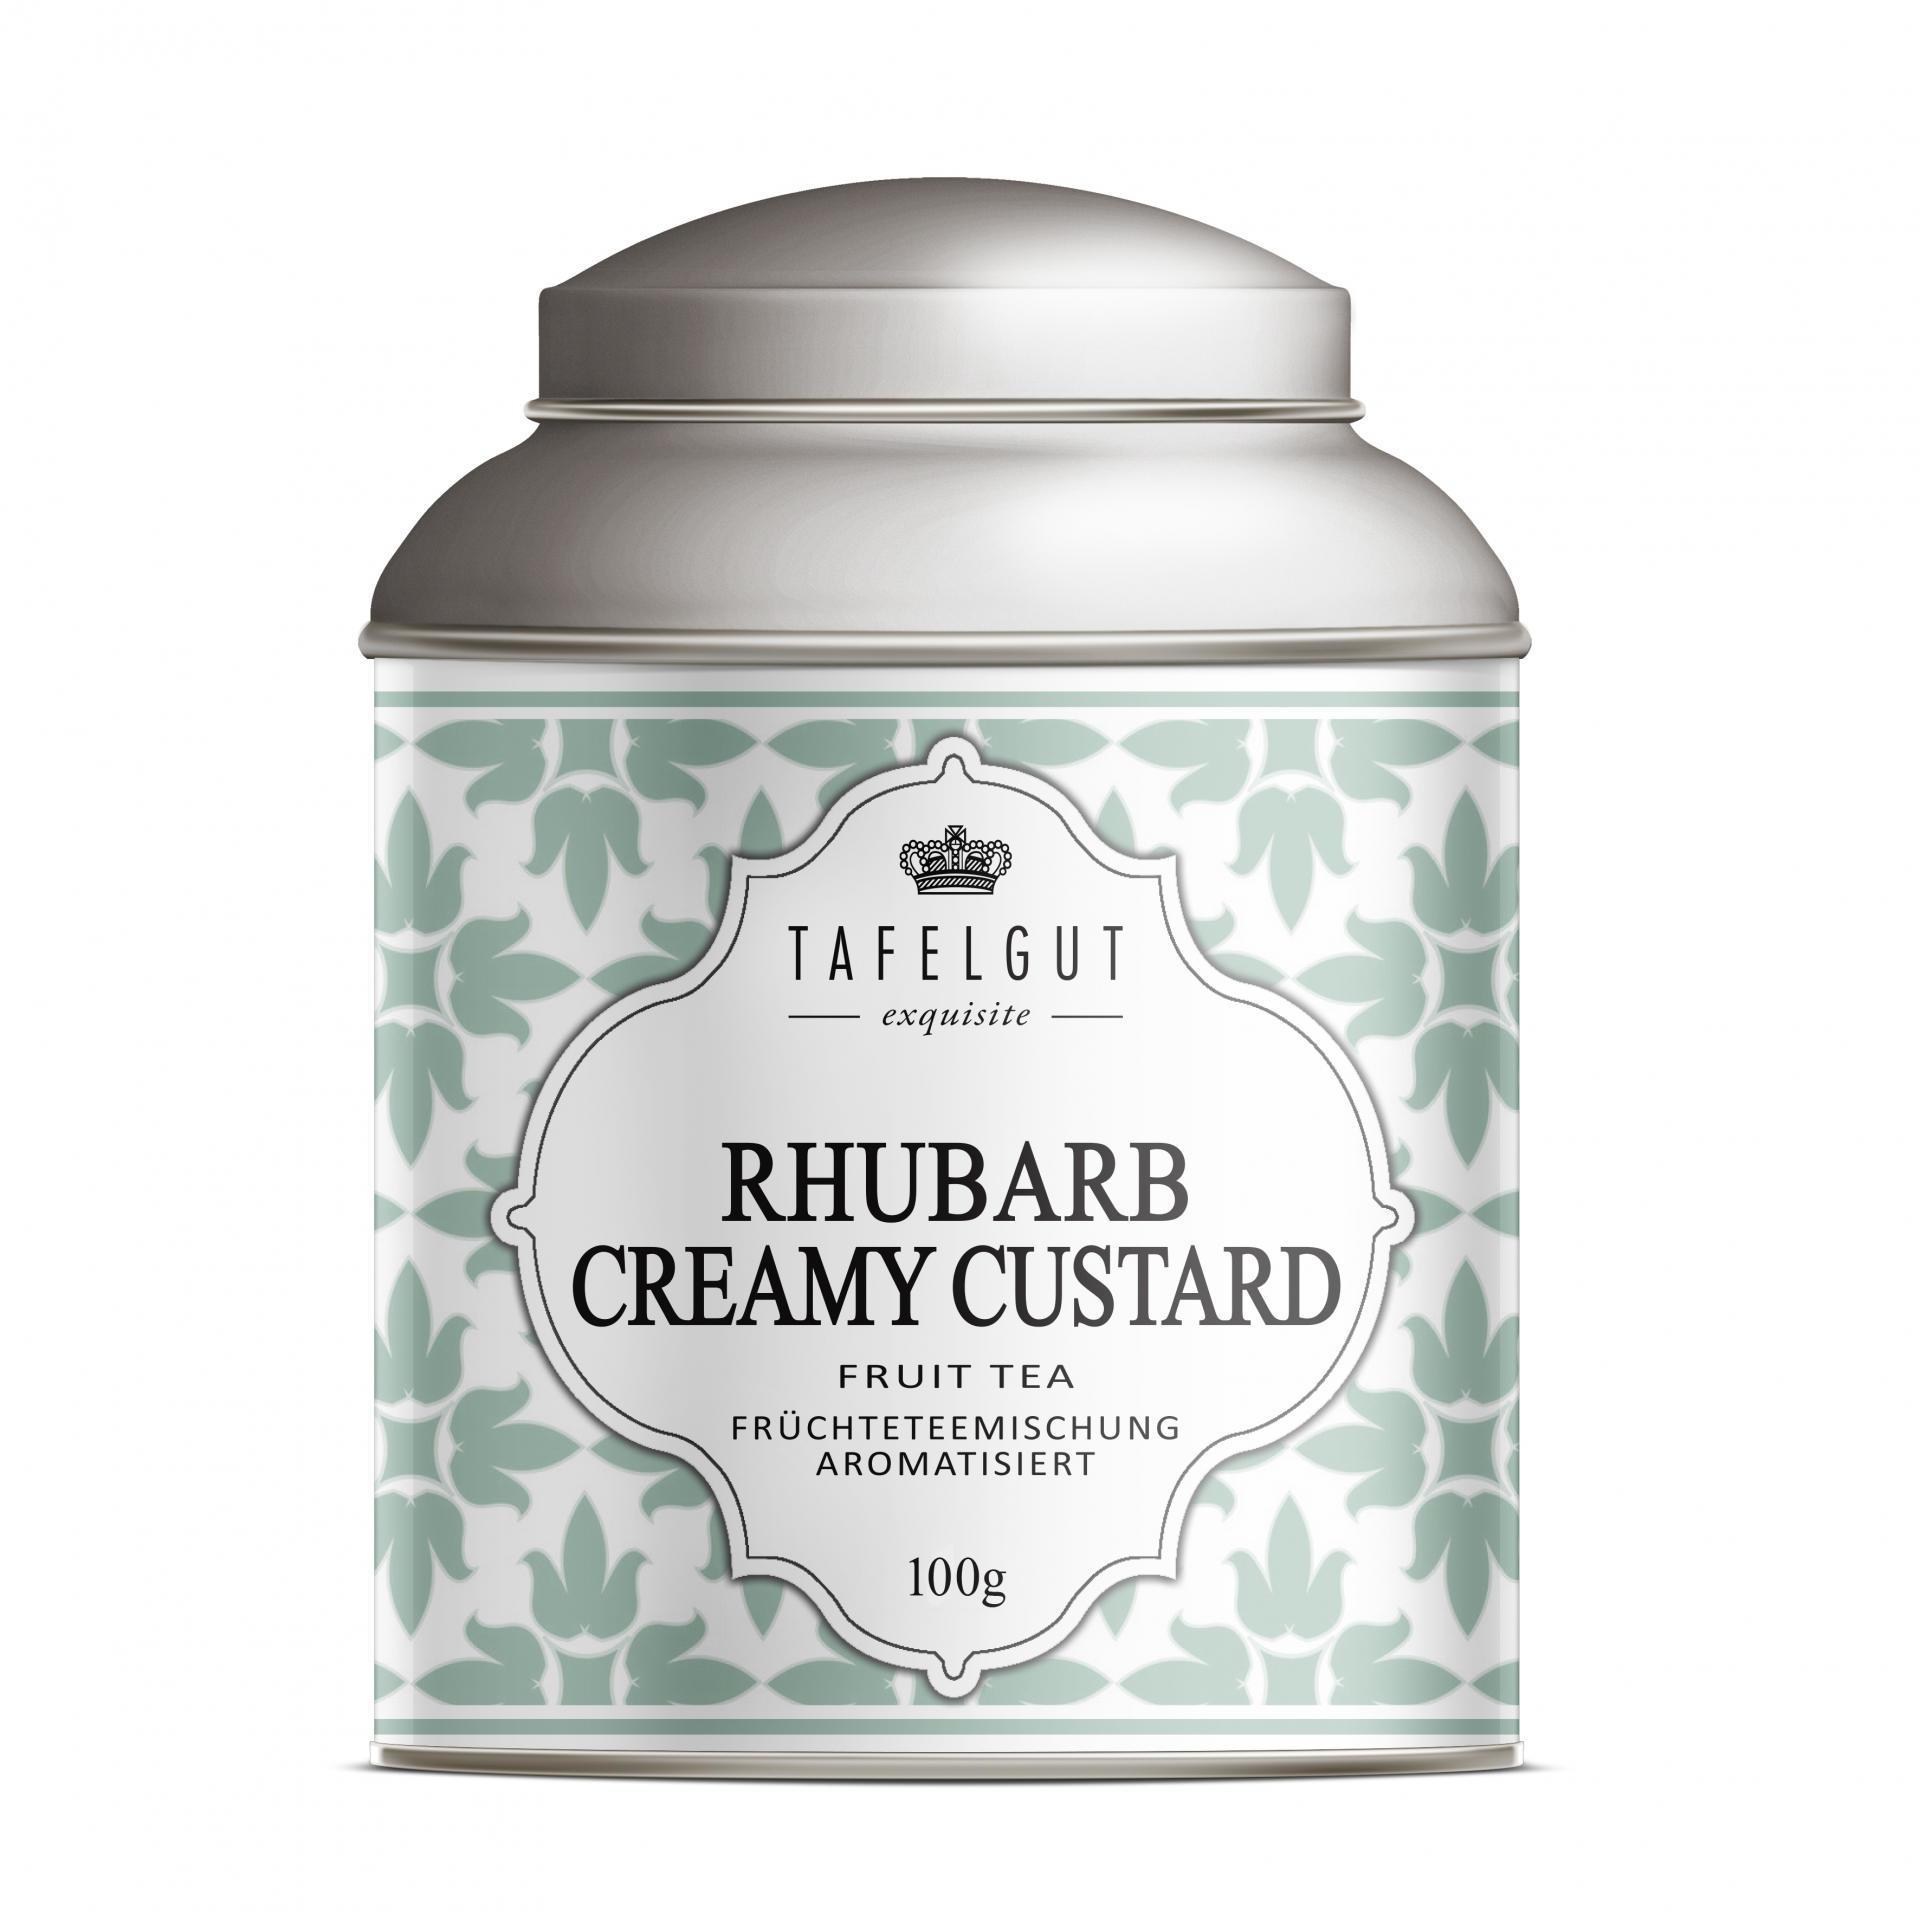 TAFELGUT Ovocný čaj Rhubarb Creamy Custard - 100gr, zelená barva, kov